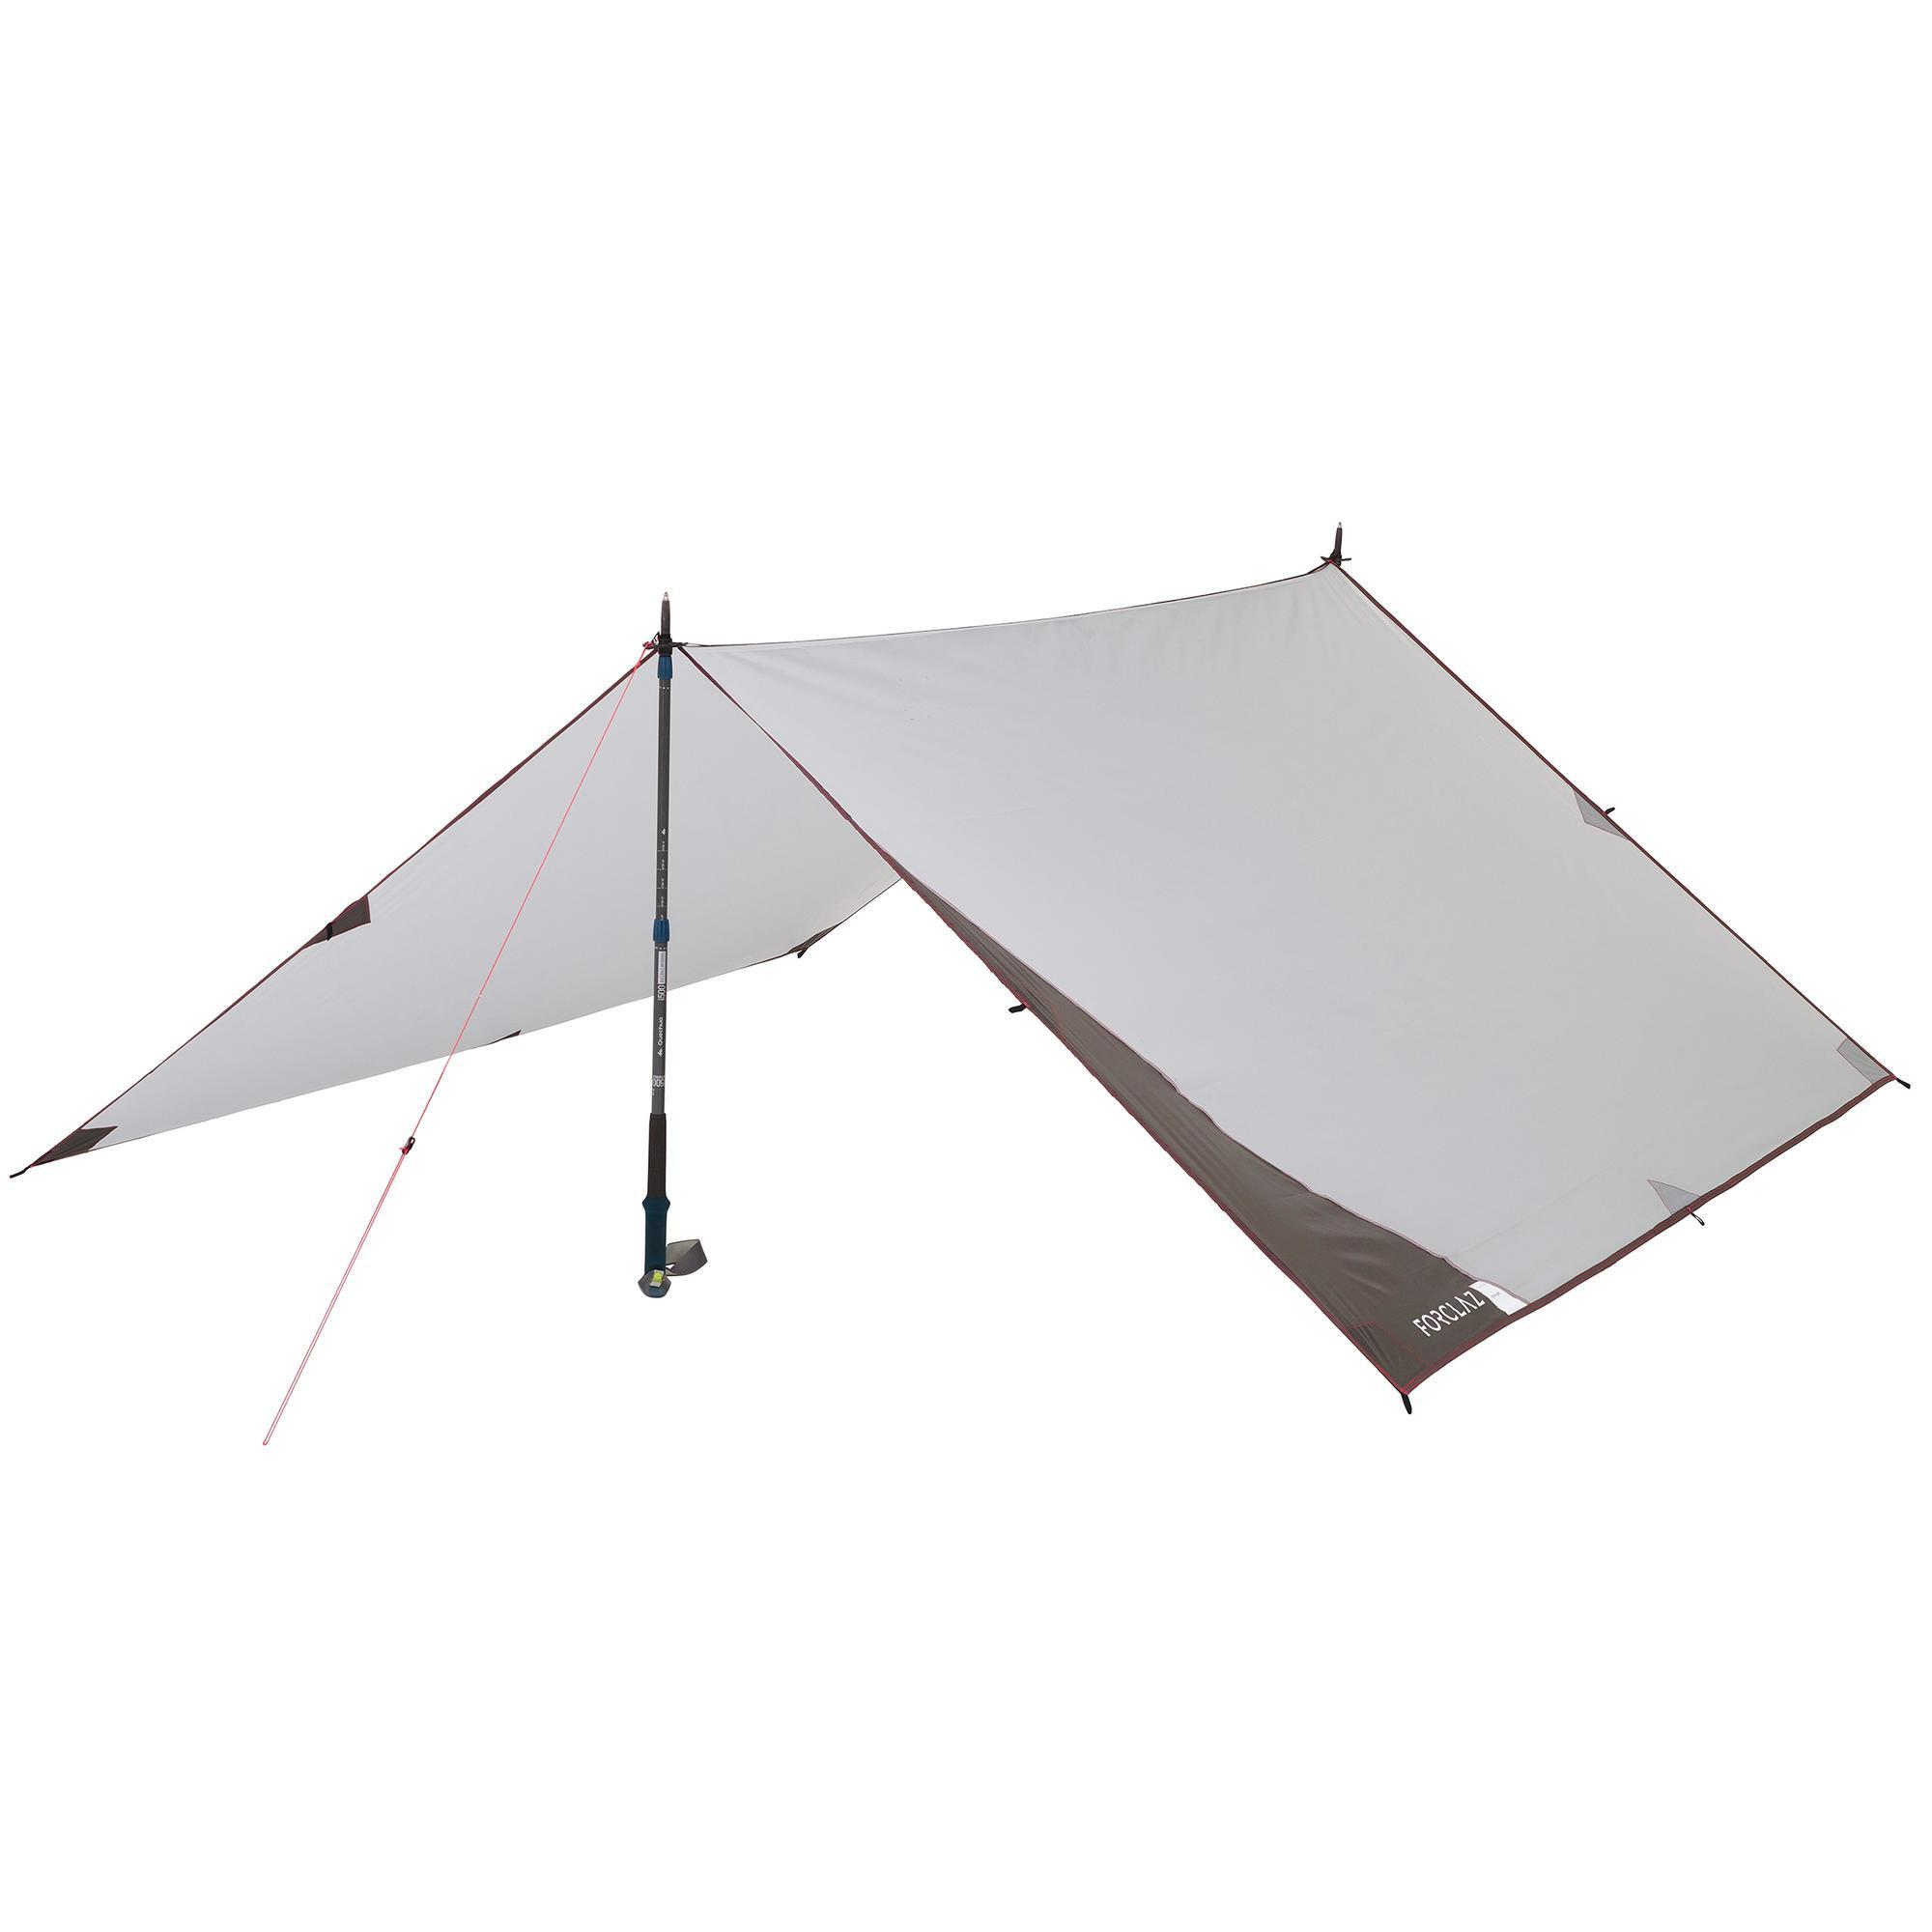 b10dcdeaf03 Forclaz Tarp voor trekking 900 ultralight grijs kopen met voordeel ...